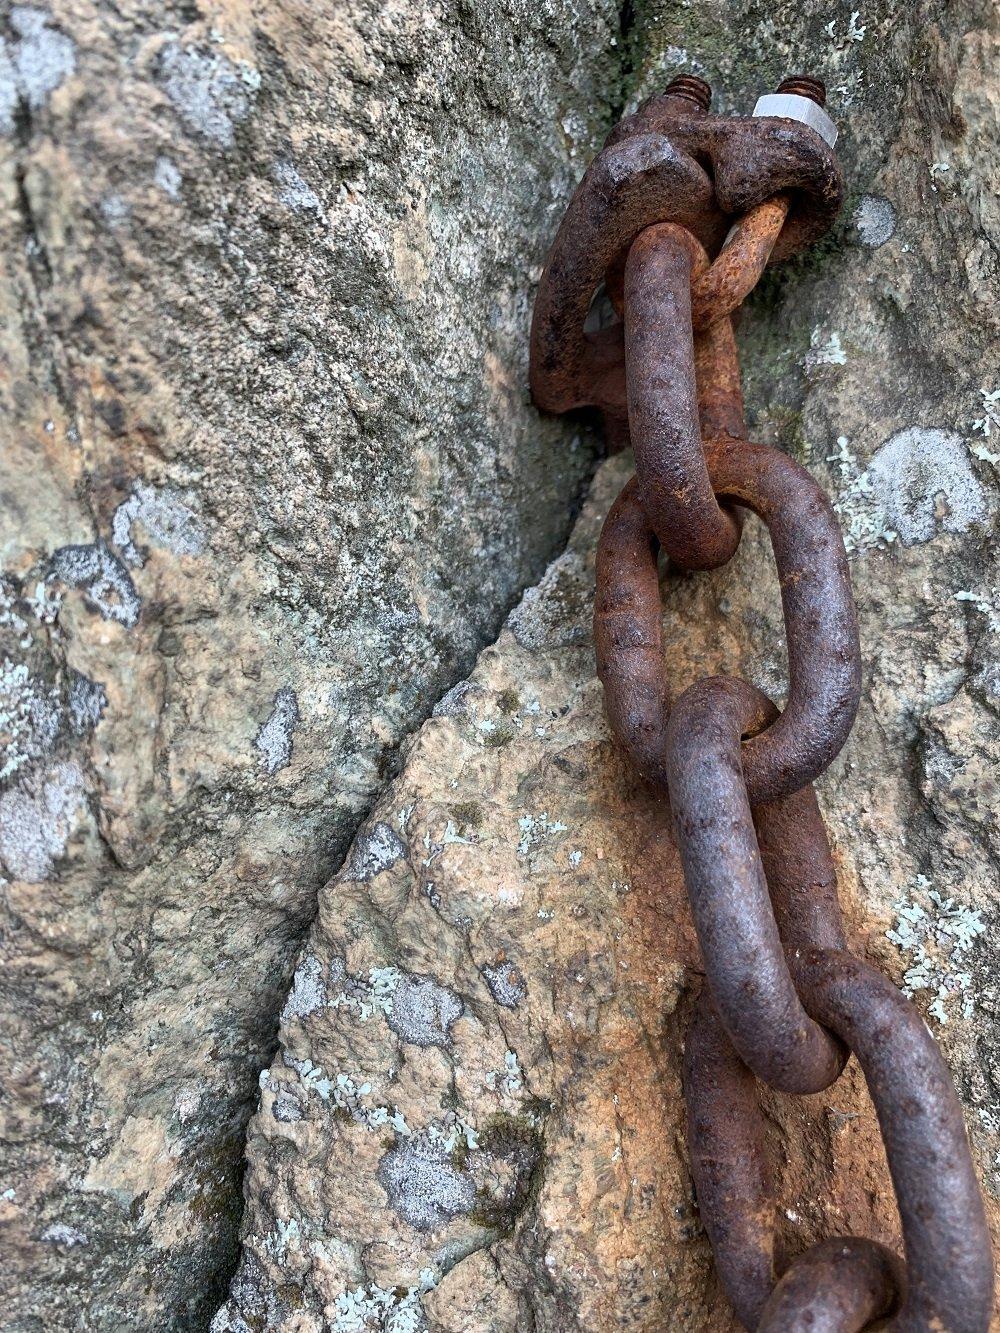 Storico ancoraggio su roccia ruvida e compatta